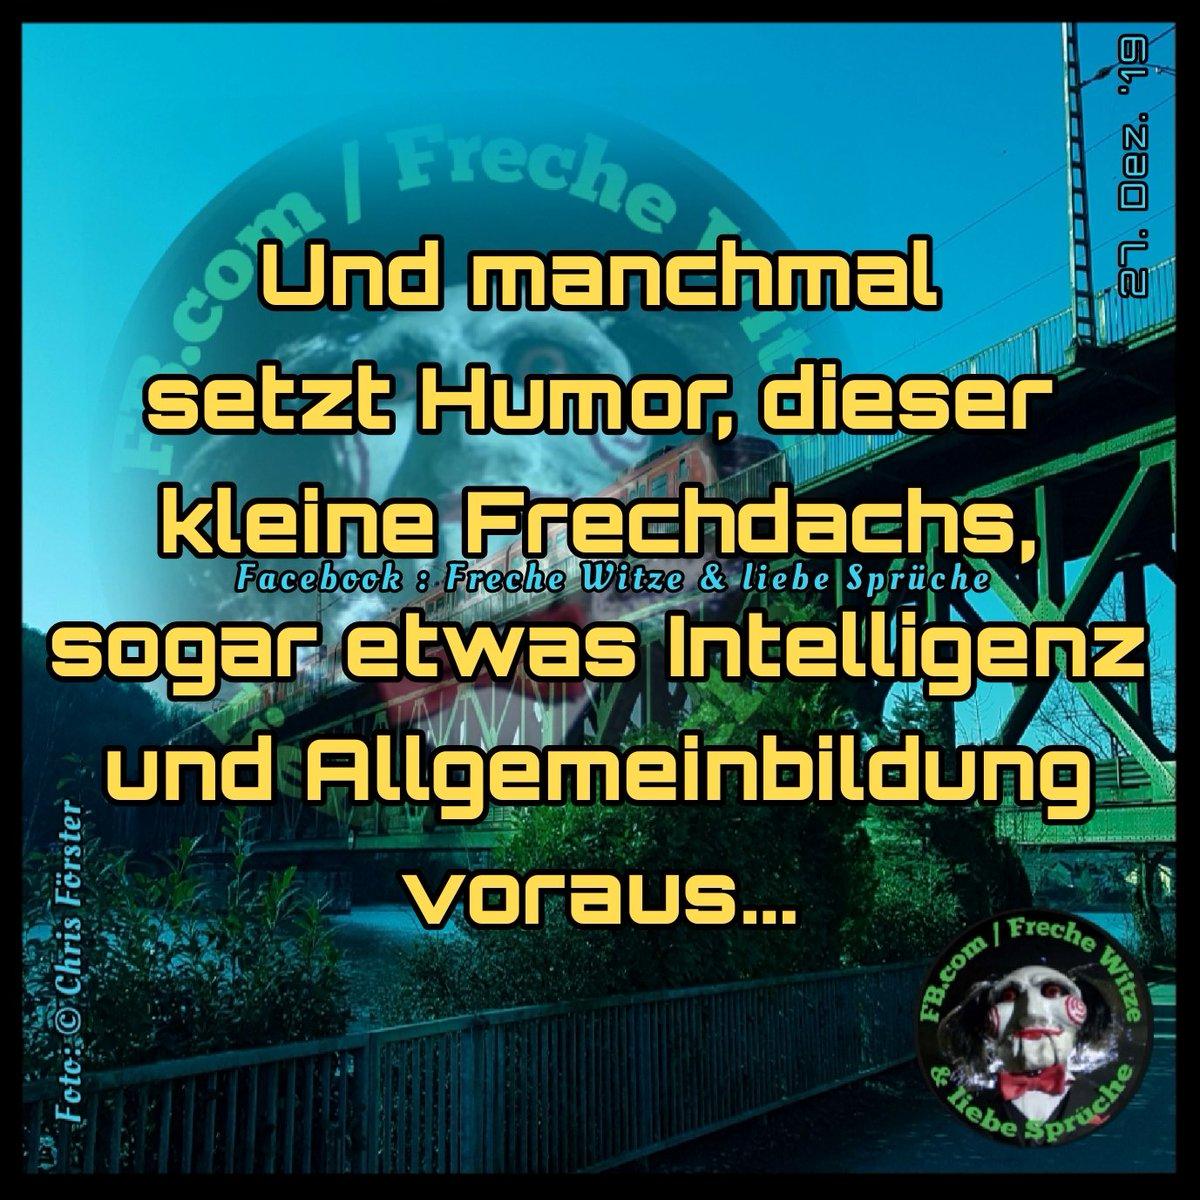 Haischlib Witze Ar Twitter